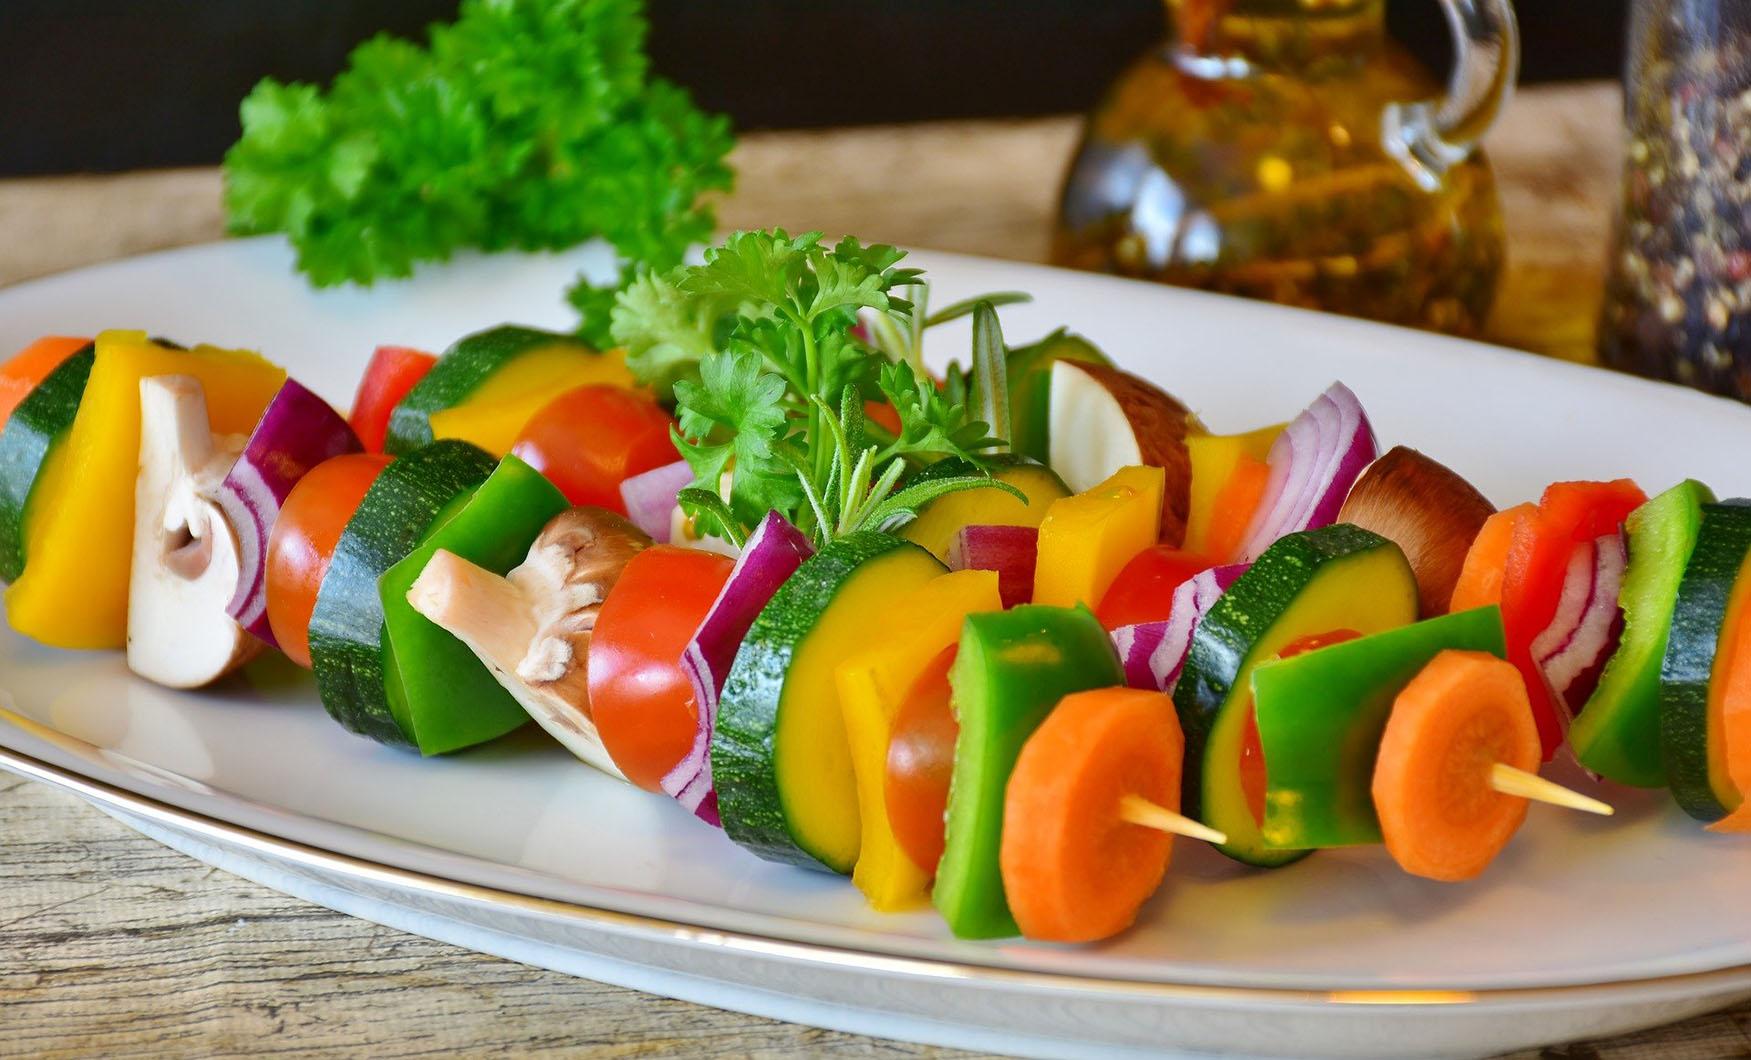 niños y verduras, dietista almería, nutricionista almería